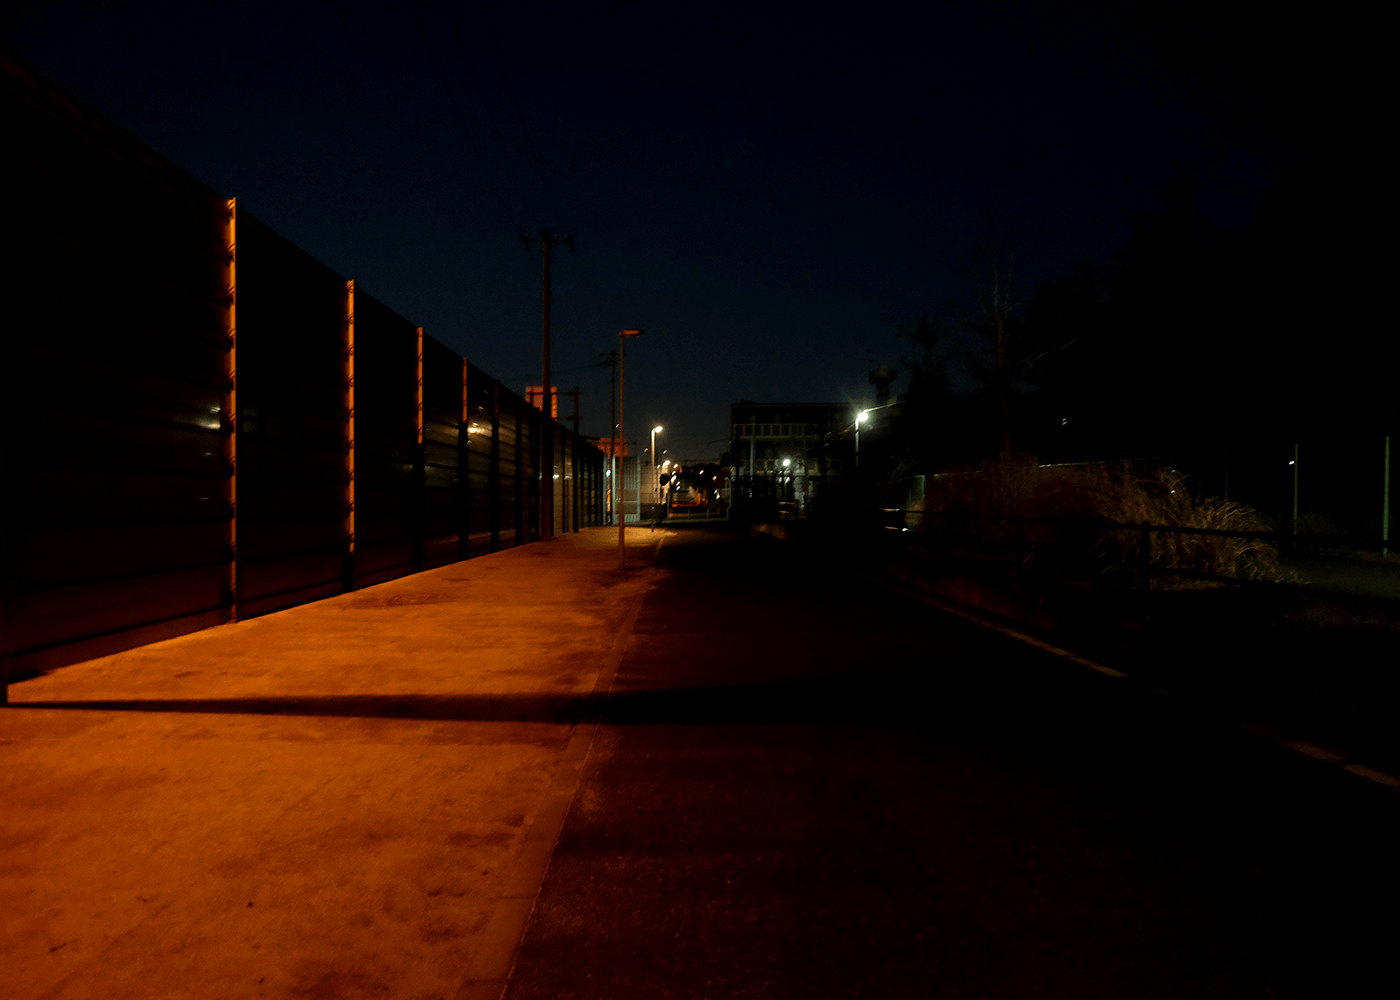 むぎのいえまで歩く(南船橋駅から)